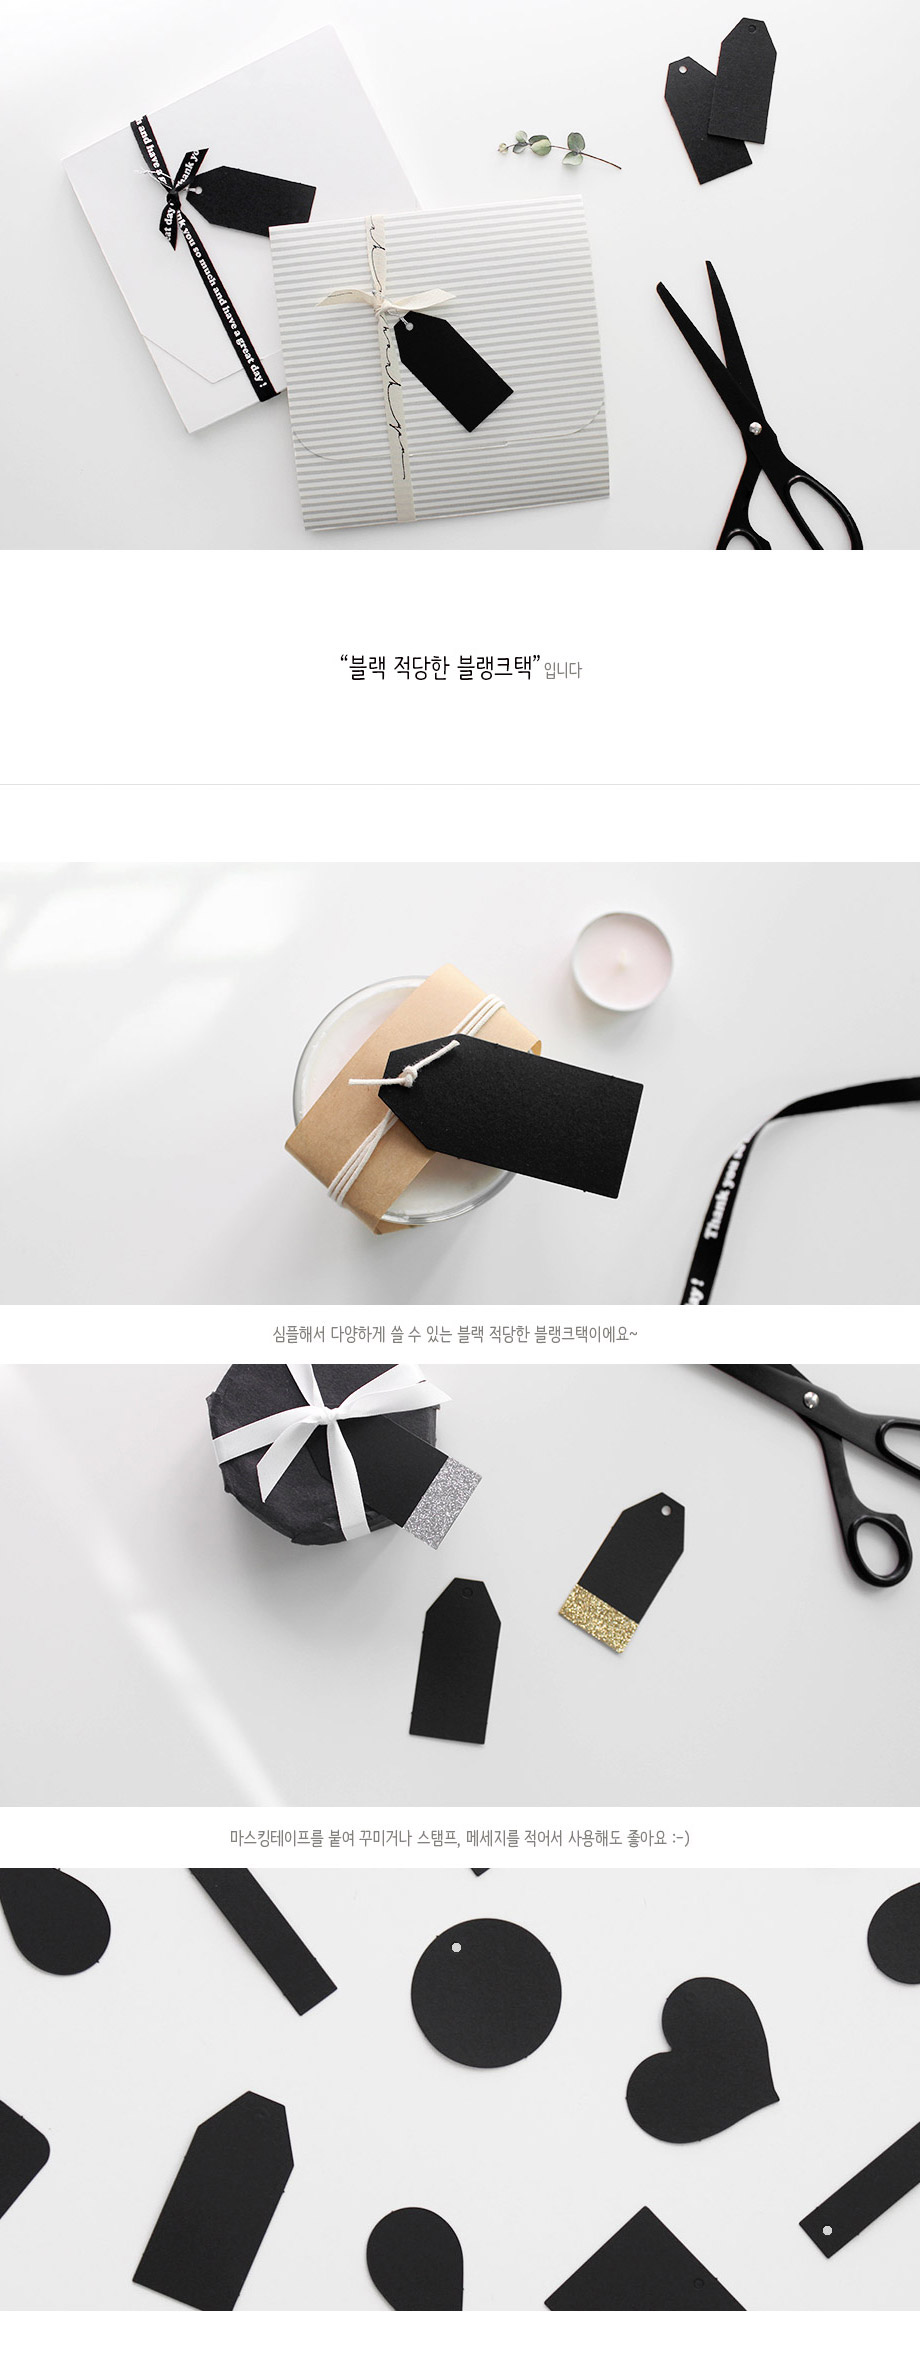 블랙 적당한 블랭크택(10개) - 헬로우모리스, 1,100원, 리본/포장소품, 타이/택